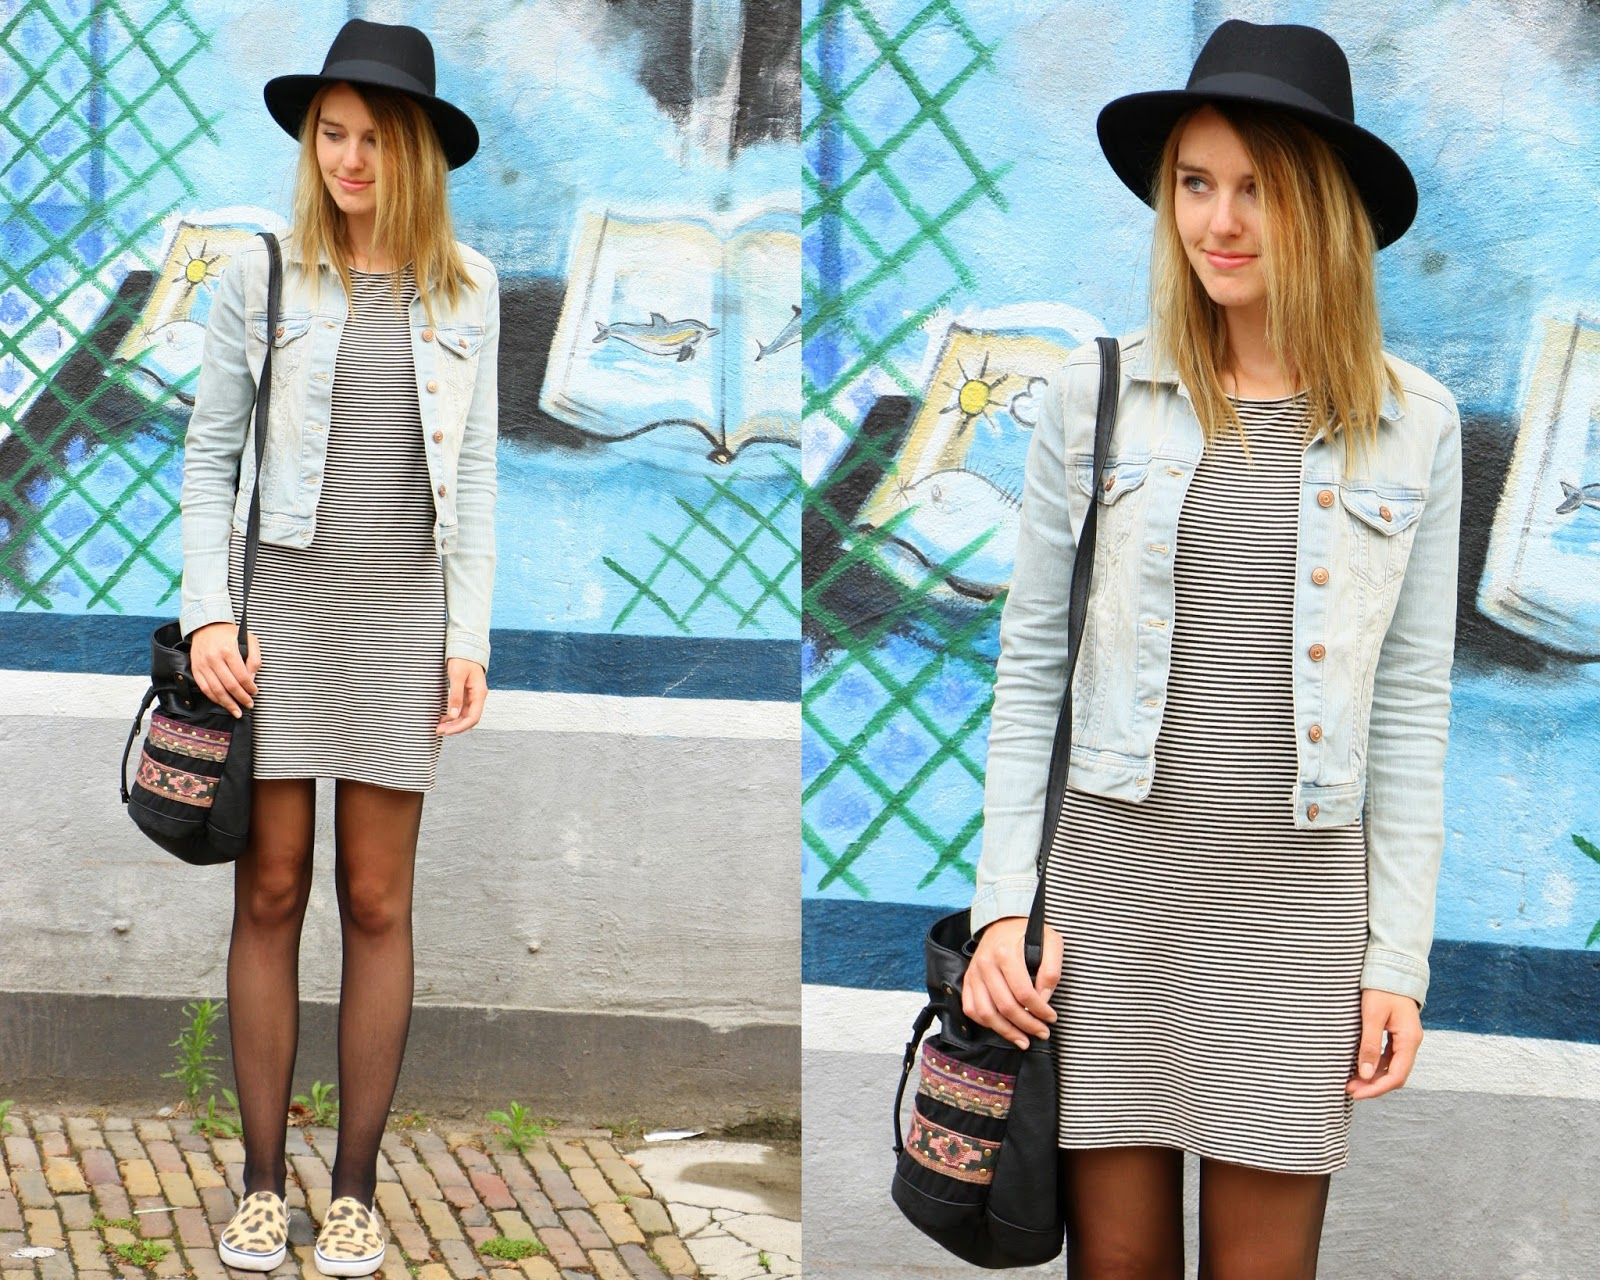 fashionmoodboard shalane outfit denim stripes